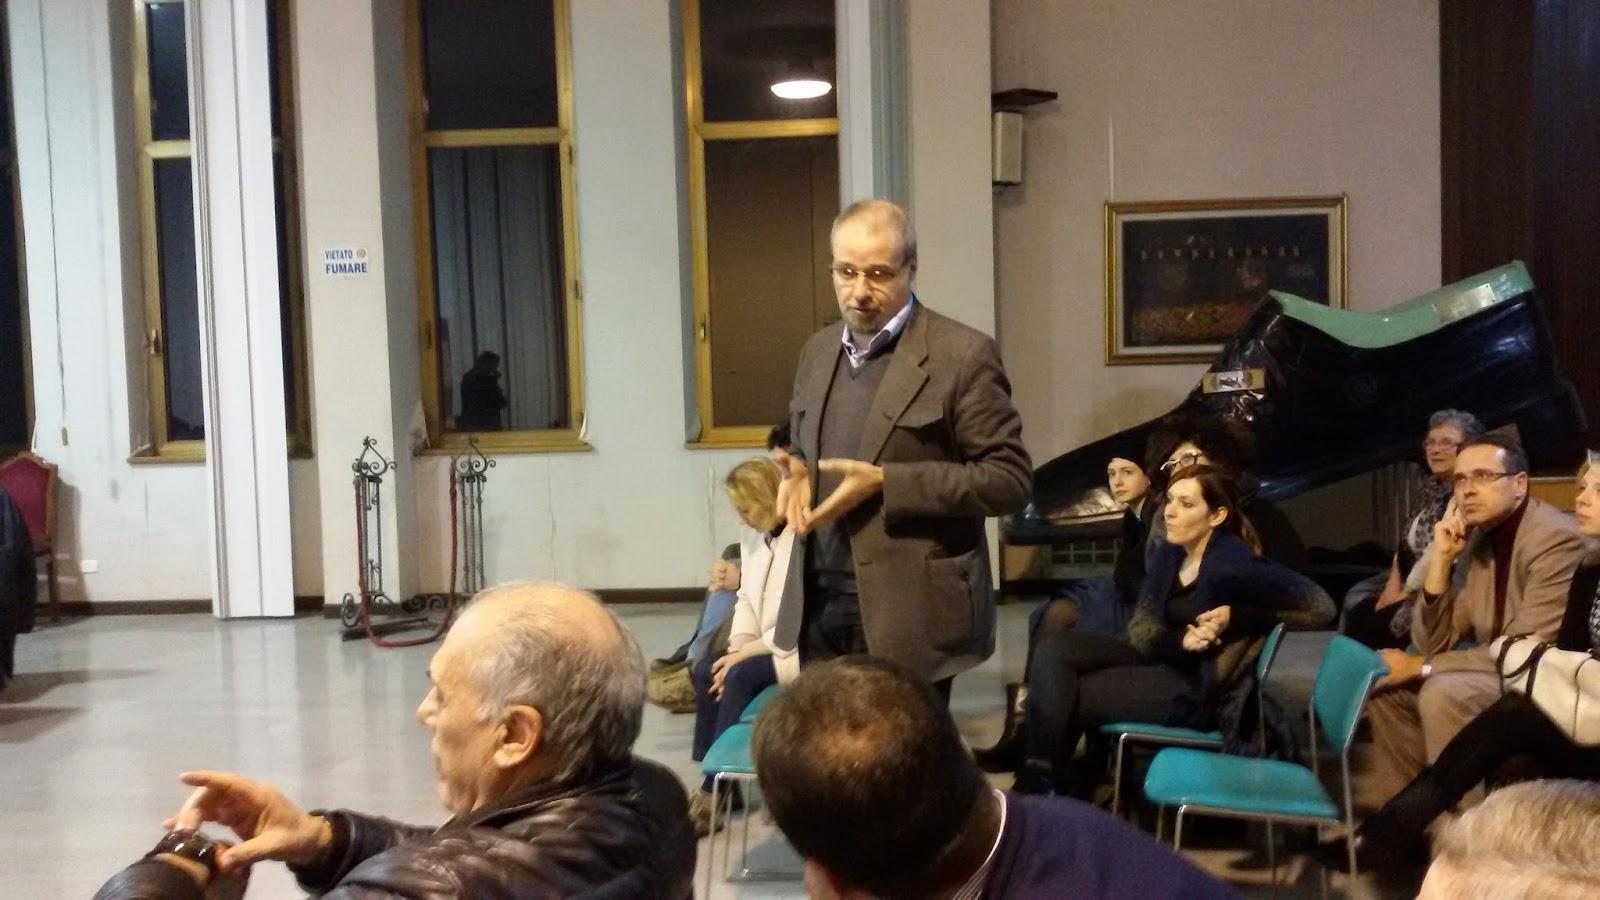 Un momento dell'incontro tra amministrazione e cittadini per illustrare il progetto tenutosi lo scorso inverno